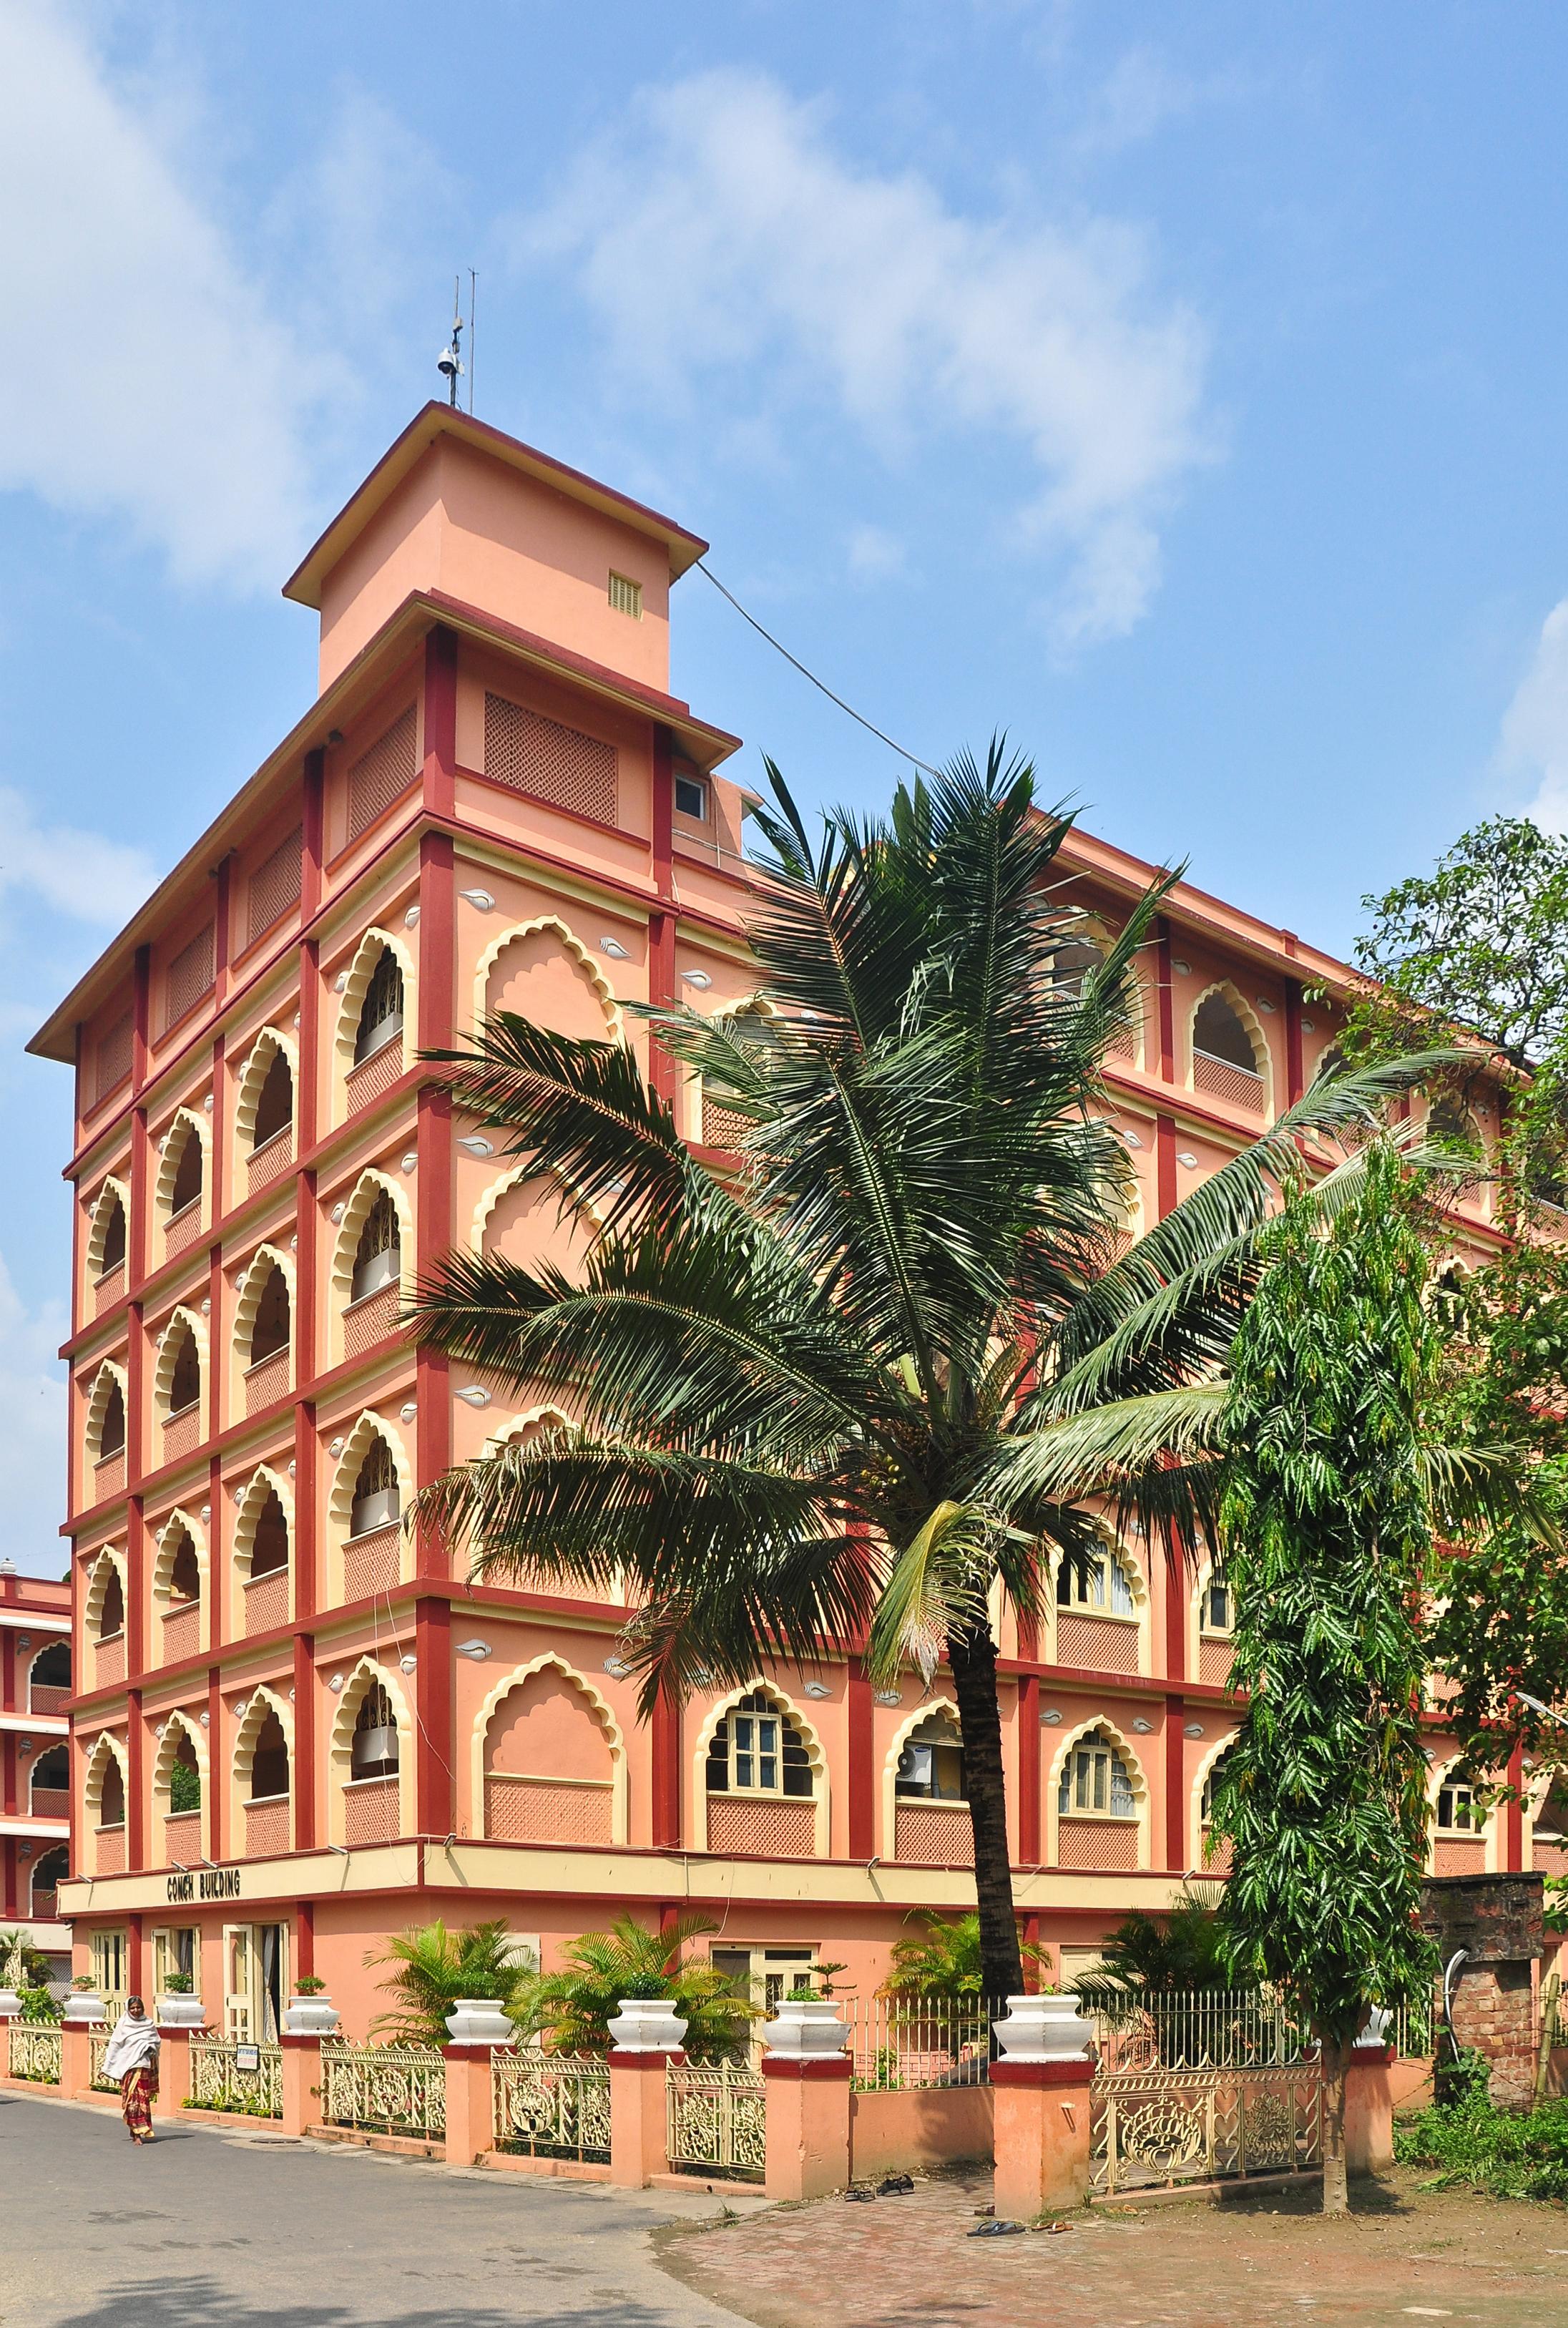 চিত্র:Conch Building, ISKCON, Mayapur 07102013 01 jpg